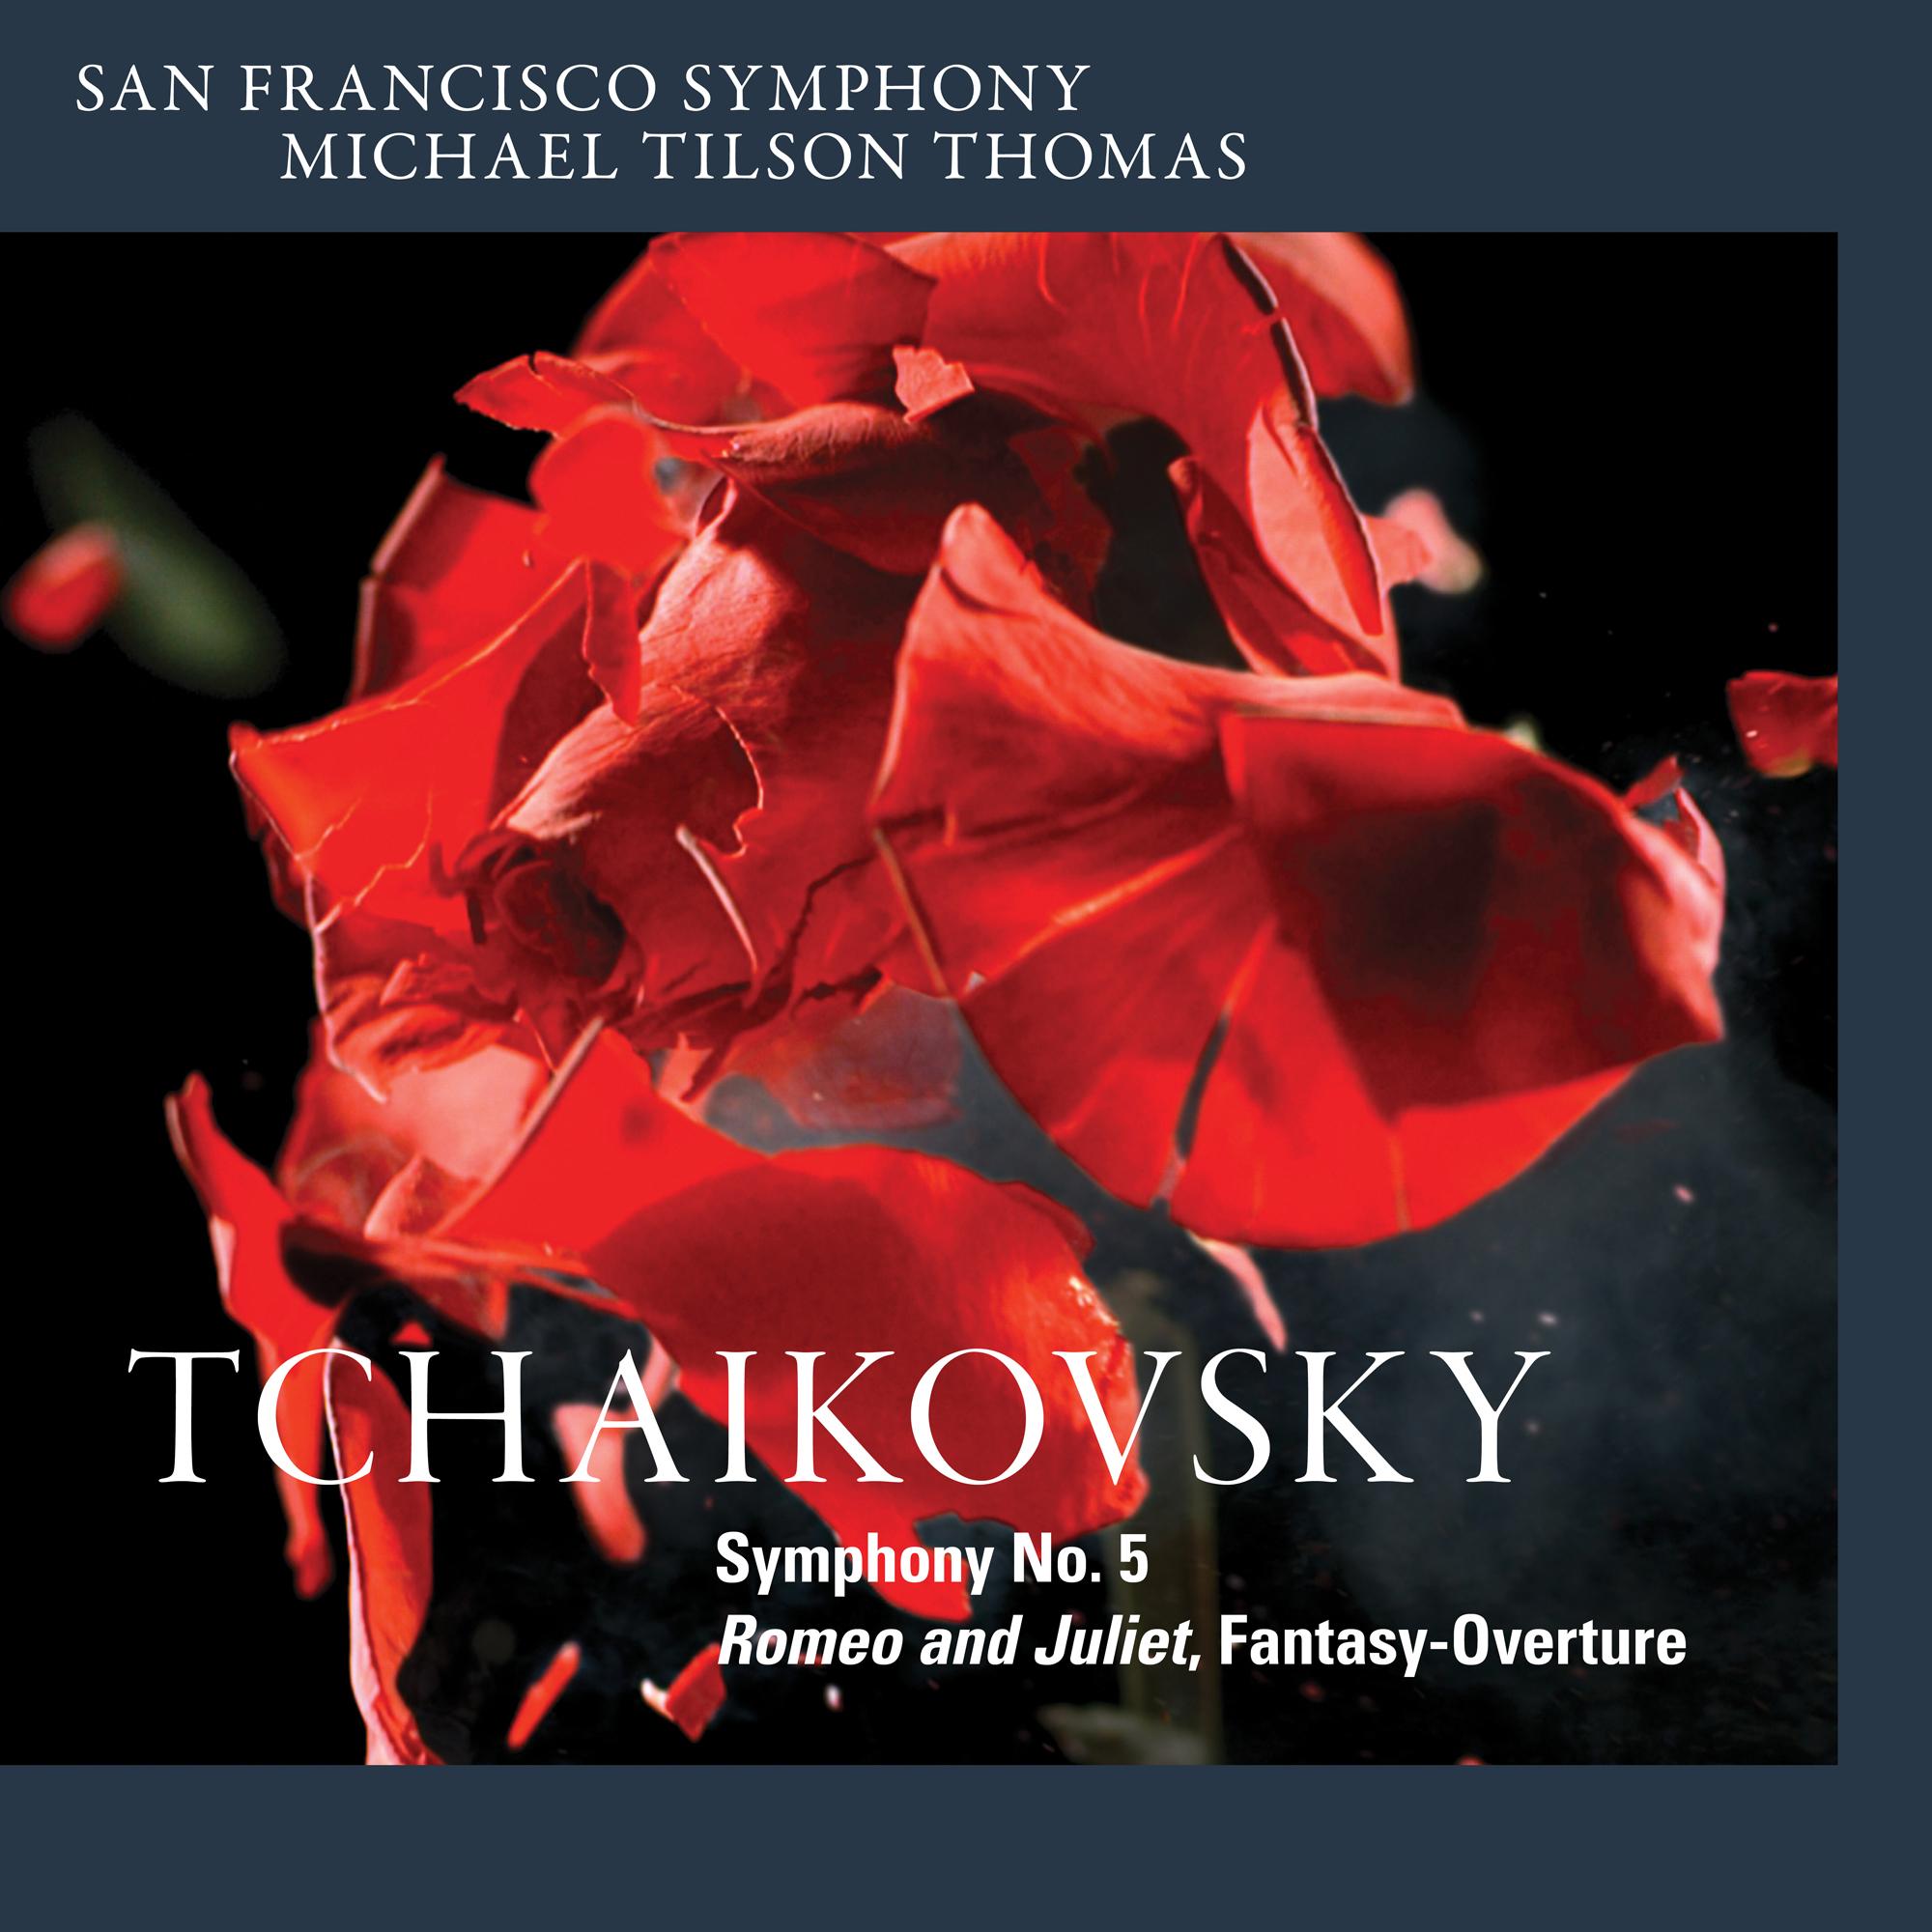 San Francisco Symphony - Tchaikovsky 5 - Cover Image